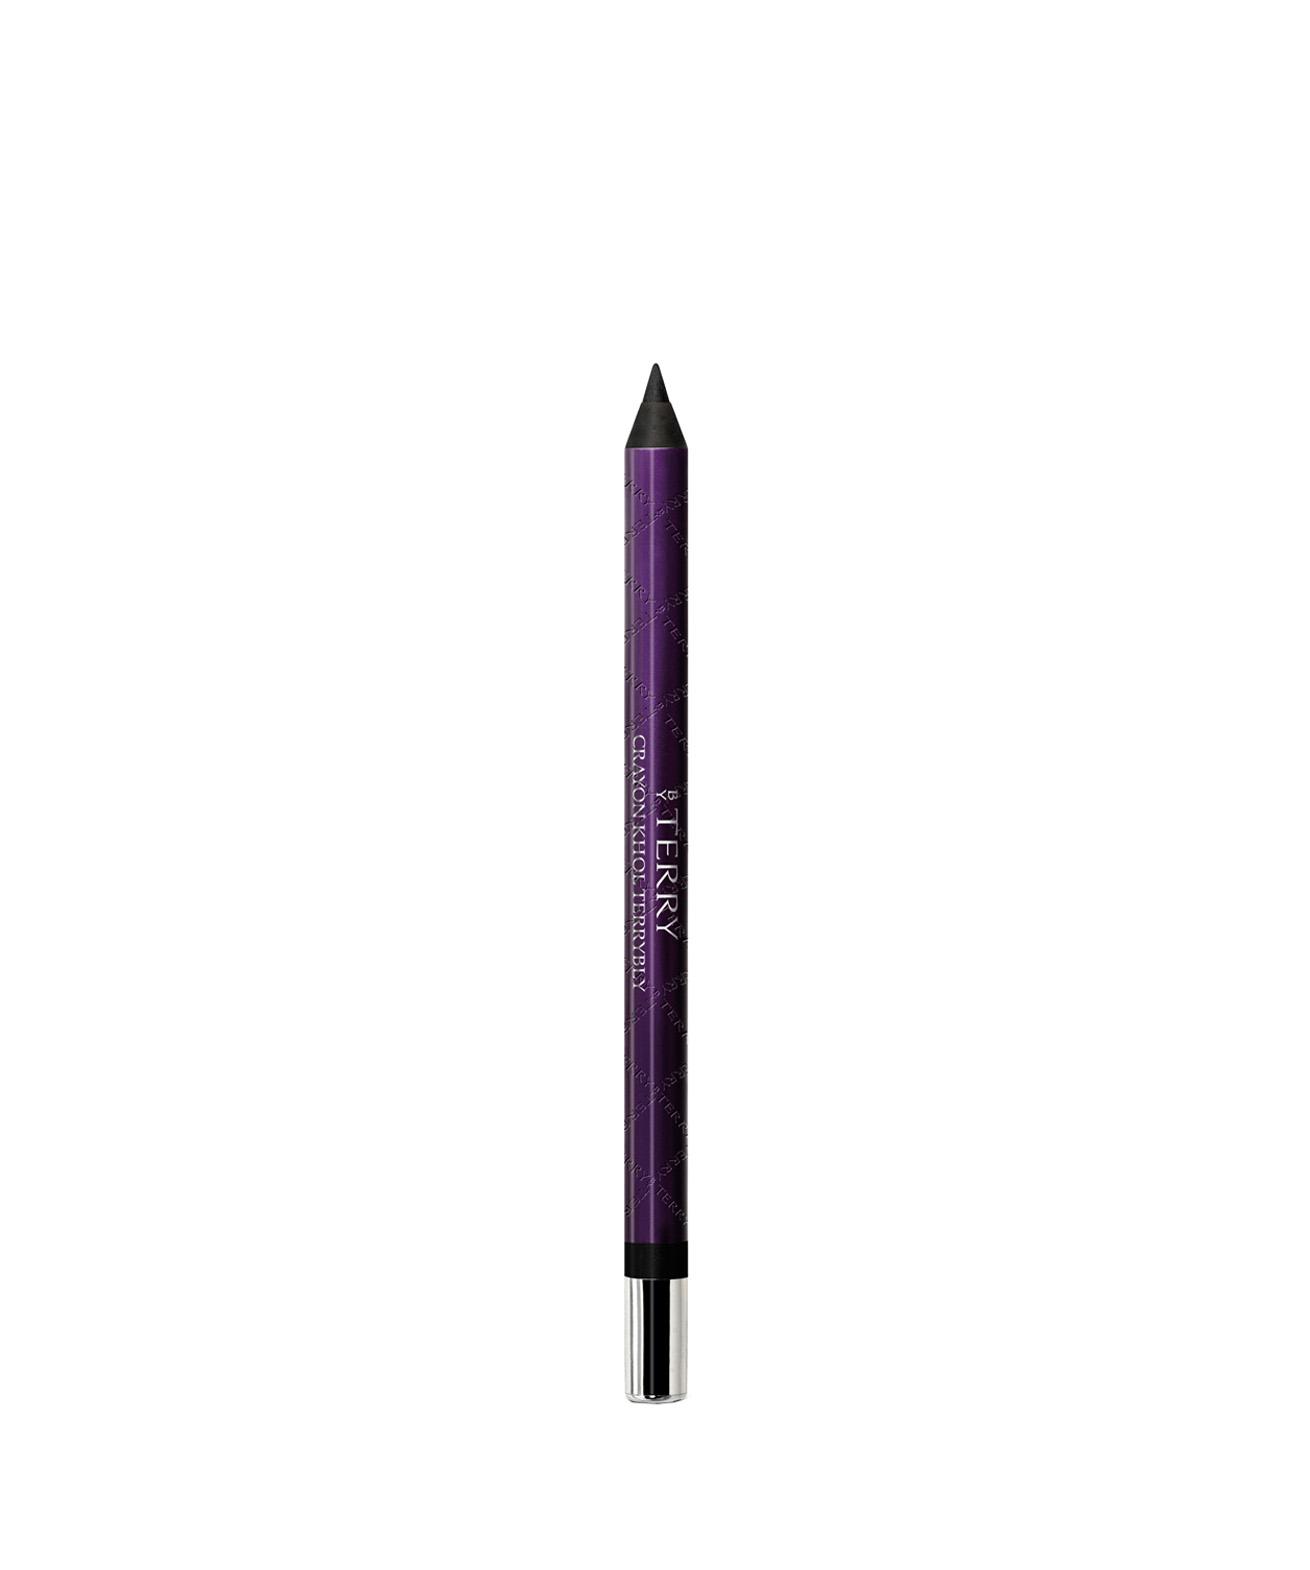 1-Crayon-Kohl-Terrybly-matita-occhi-tratto-preciso-Linea-trucco-di-lusso-By-Terry-Dispar-SpA.jpg